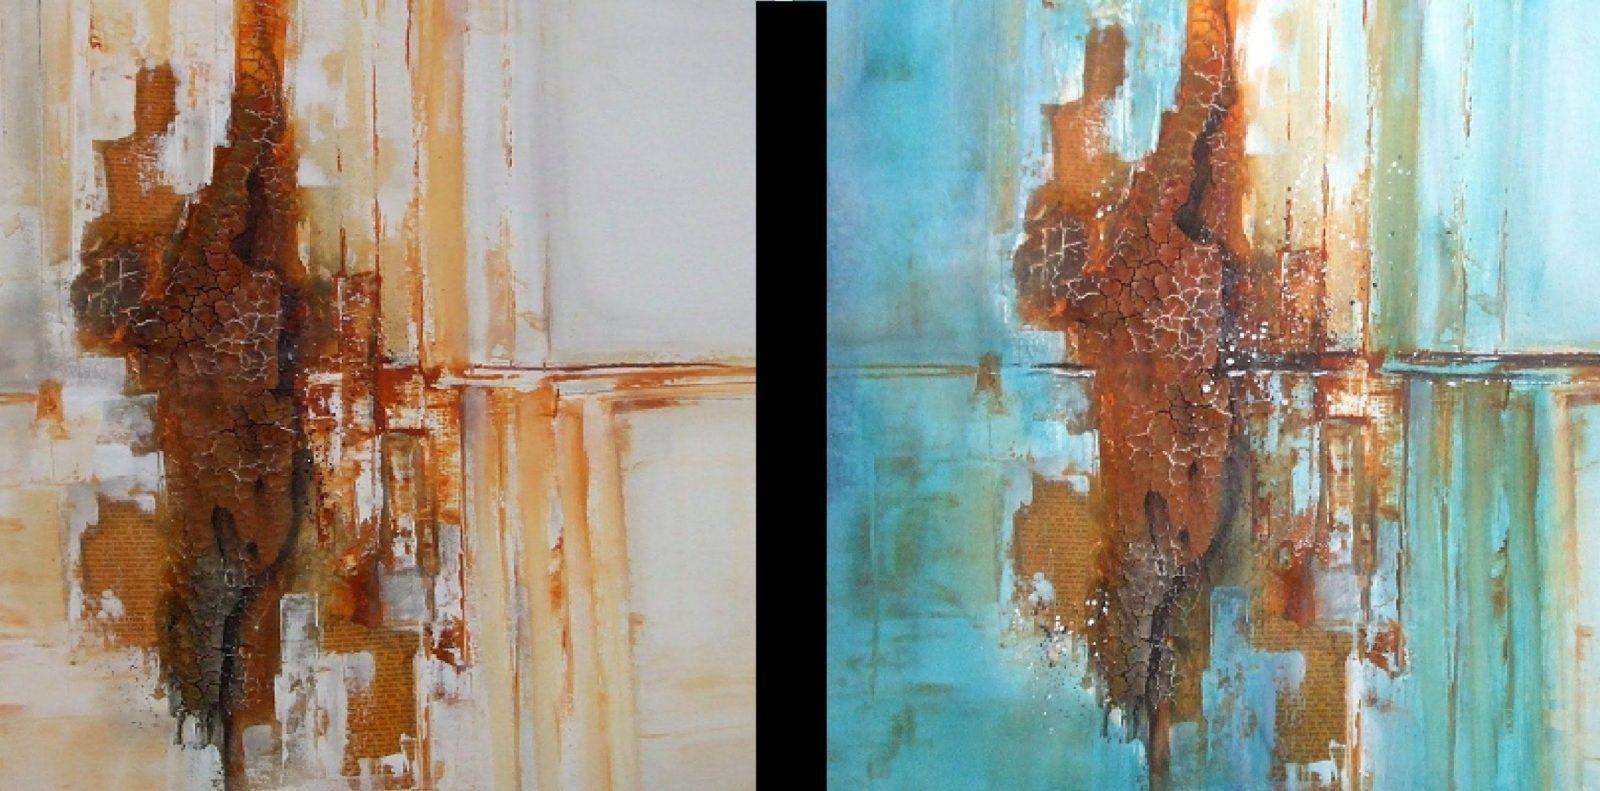 Strukturpastemarmormehl Fertigstellung3 Part Structure Paste von Acrylbilder Mit Strukturpaste Anleitung Bild